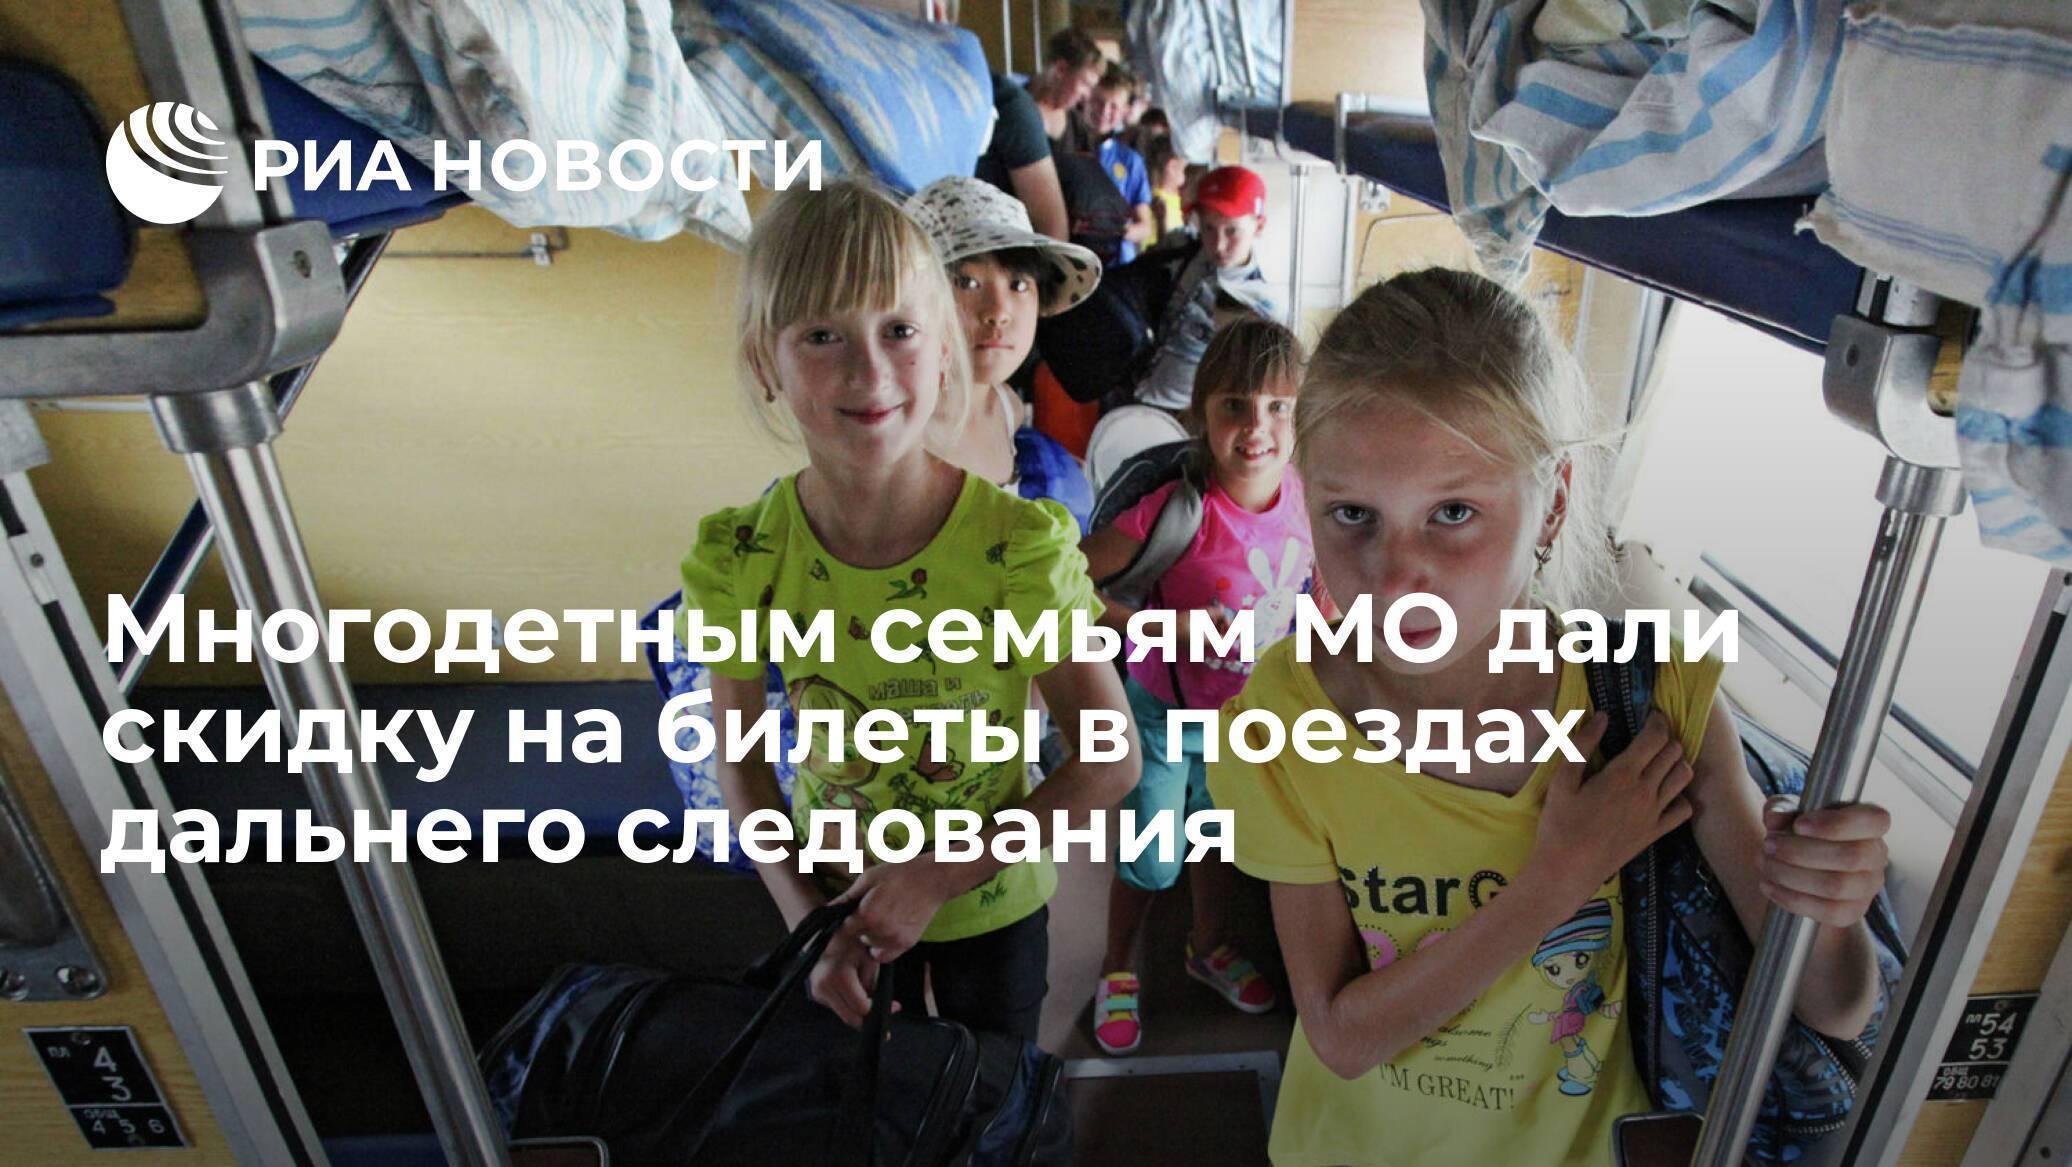 Перевозка детей без родителей по россии по жд - первый юрист